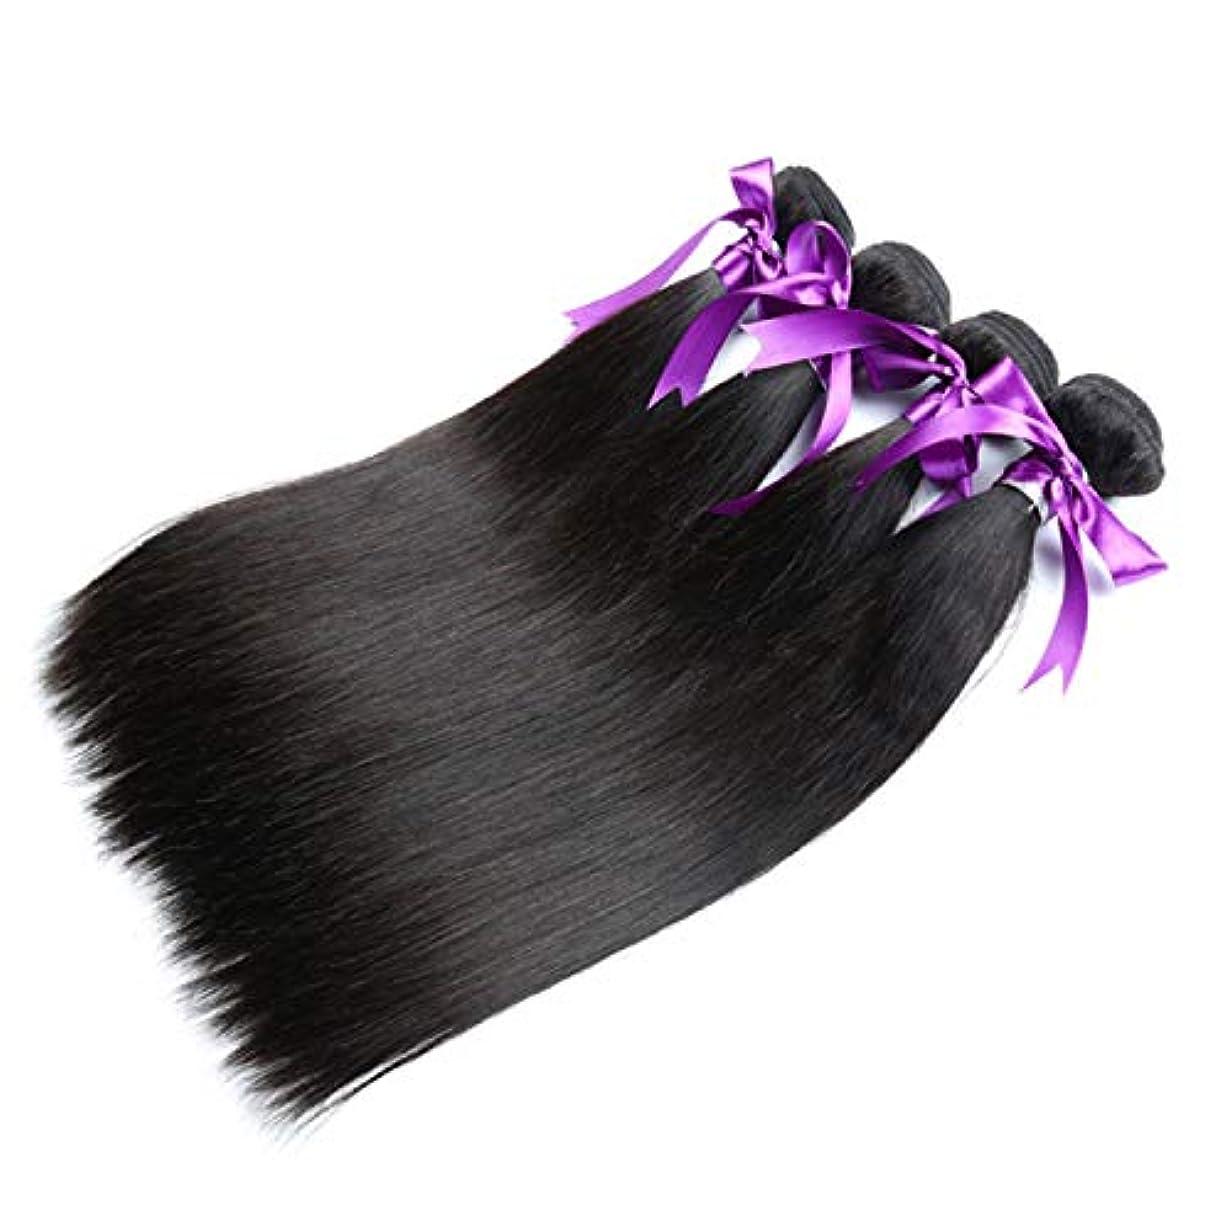 降雨平手打ち励起かつら ペルーのストレートヘア4本の人間の髪の毛の束非レミーの毛の延長ナチュラルブラック (Length : 18 20 22 22)